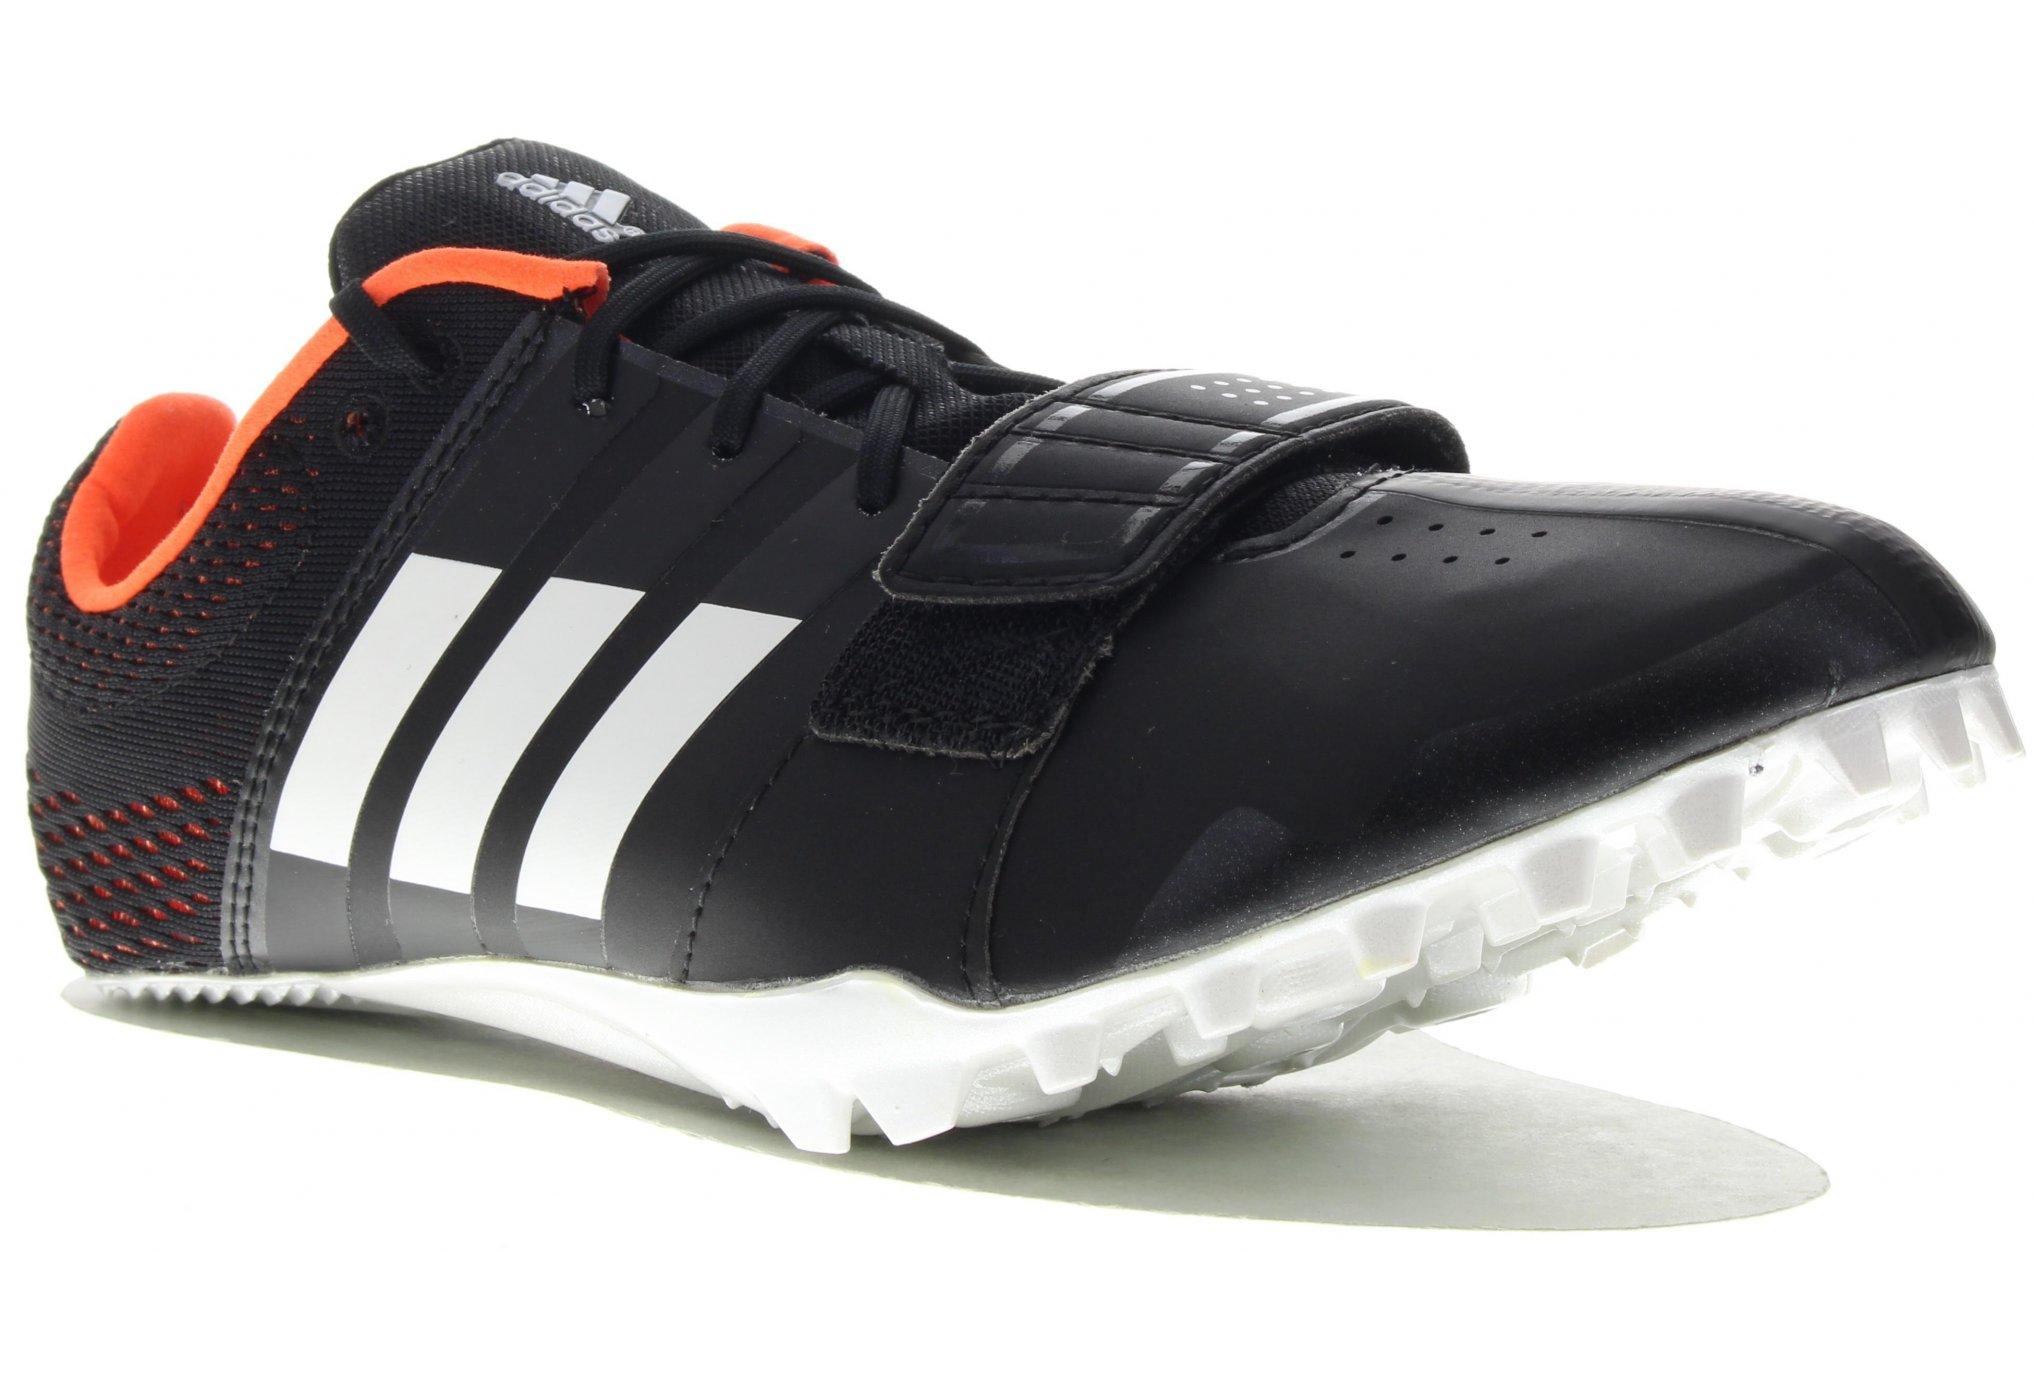 Adidas Adizero accelerator m chaussures homme